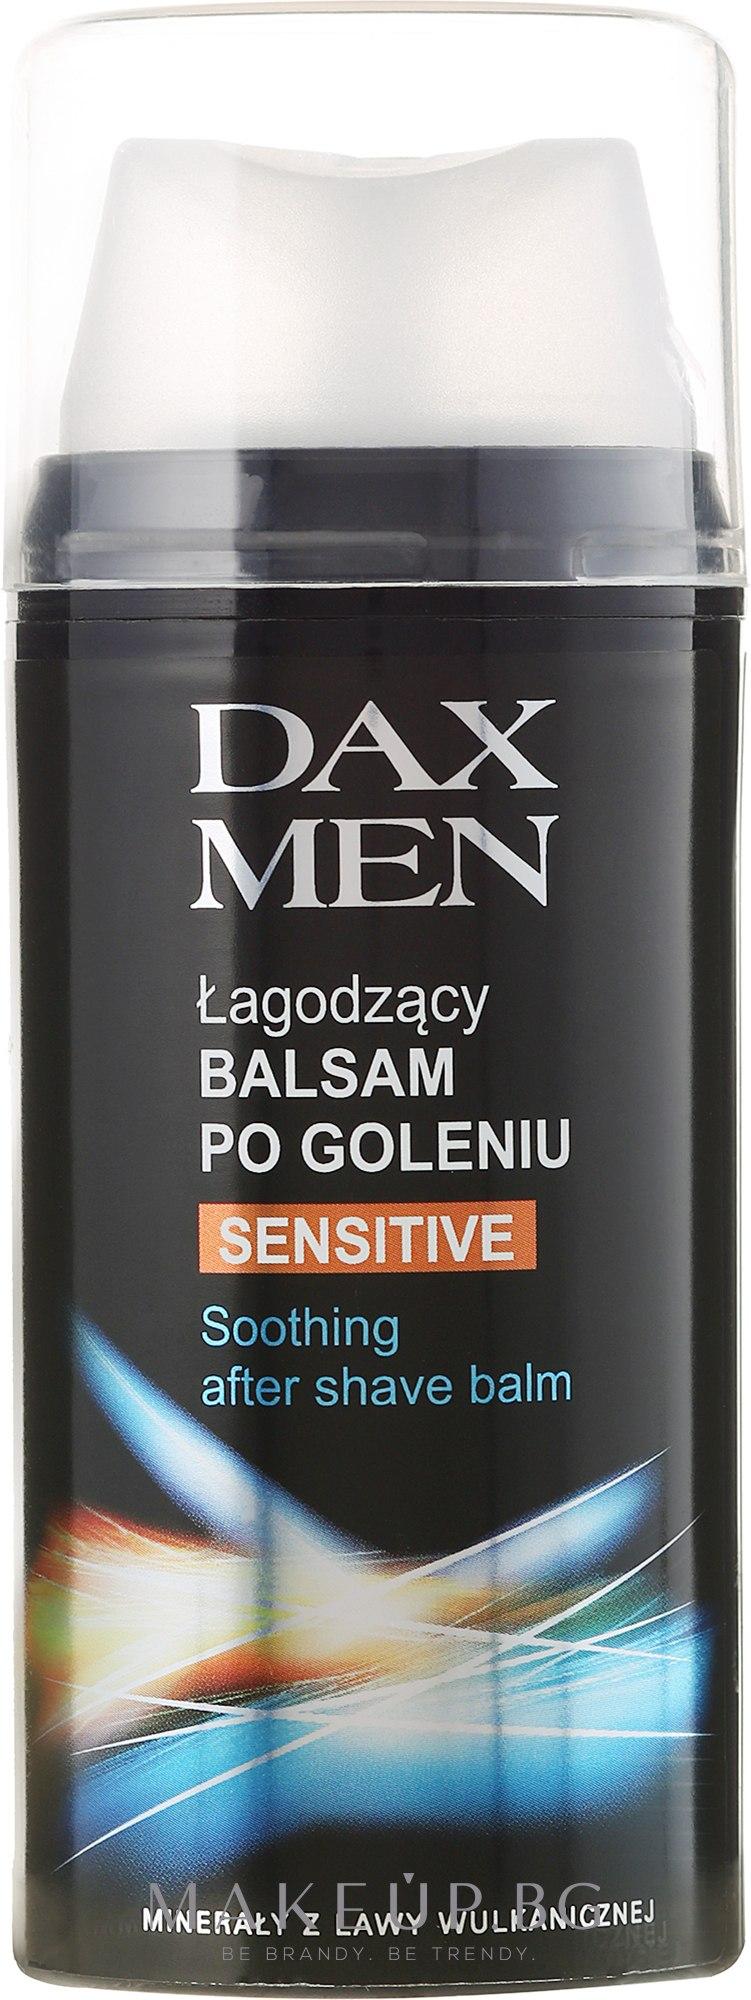 Балсам за след бръснене за чувствителна кожа - Dax Men Sensitive Soothing After Shave Balm — снимка 100 ml